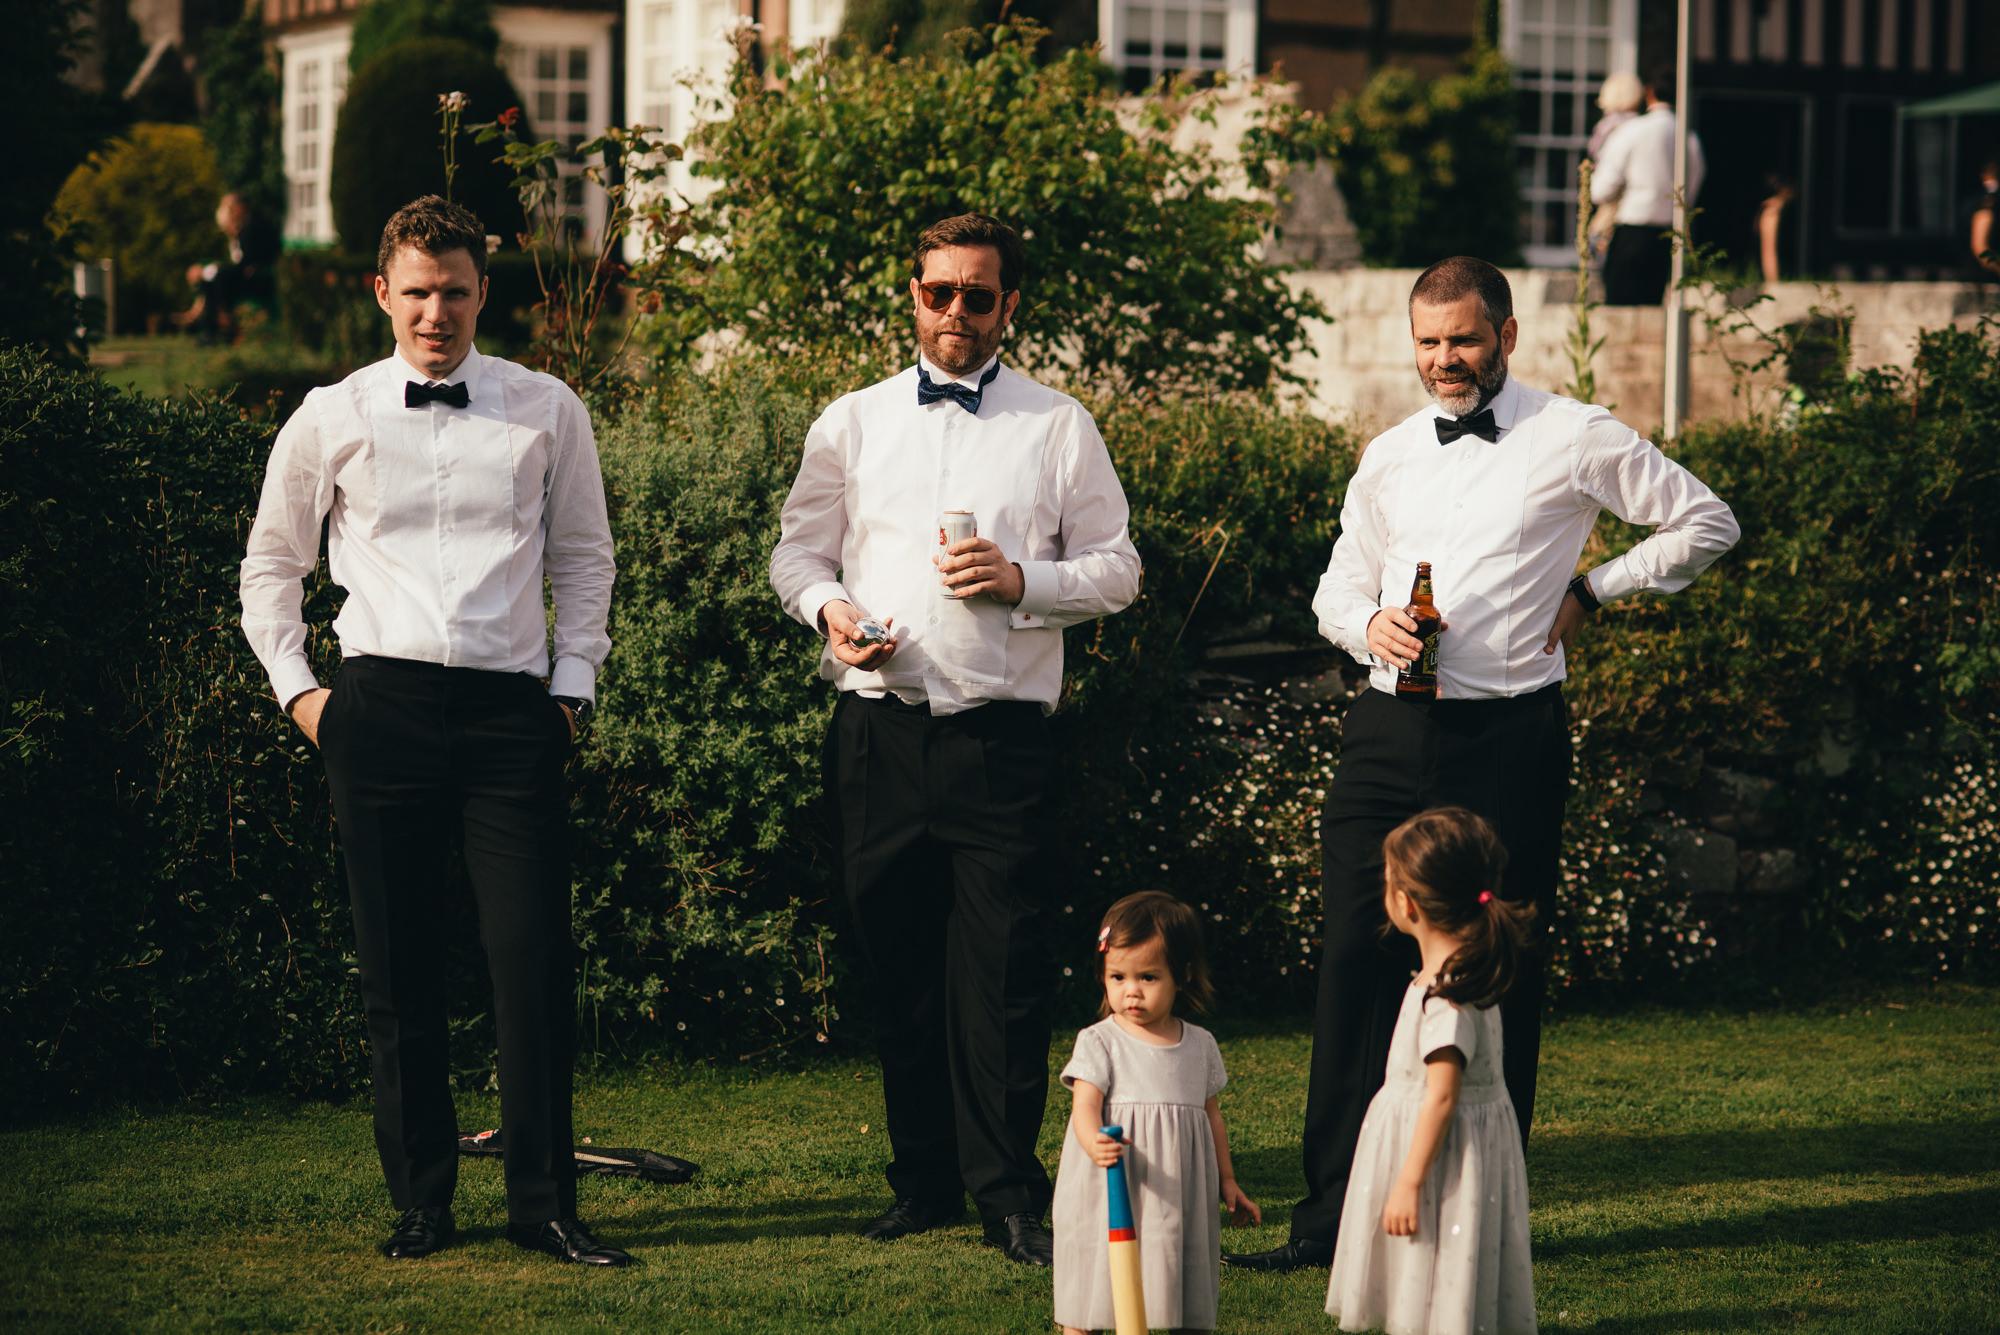 Brinsop Court Wedding Photography67